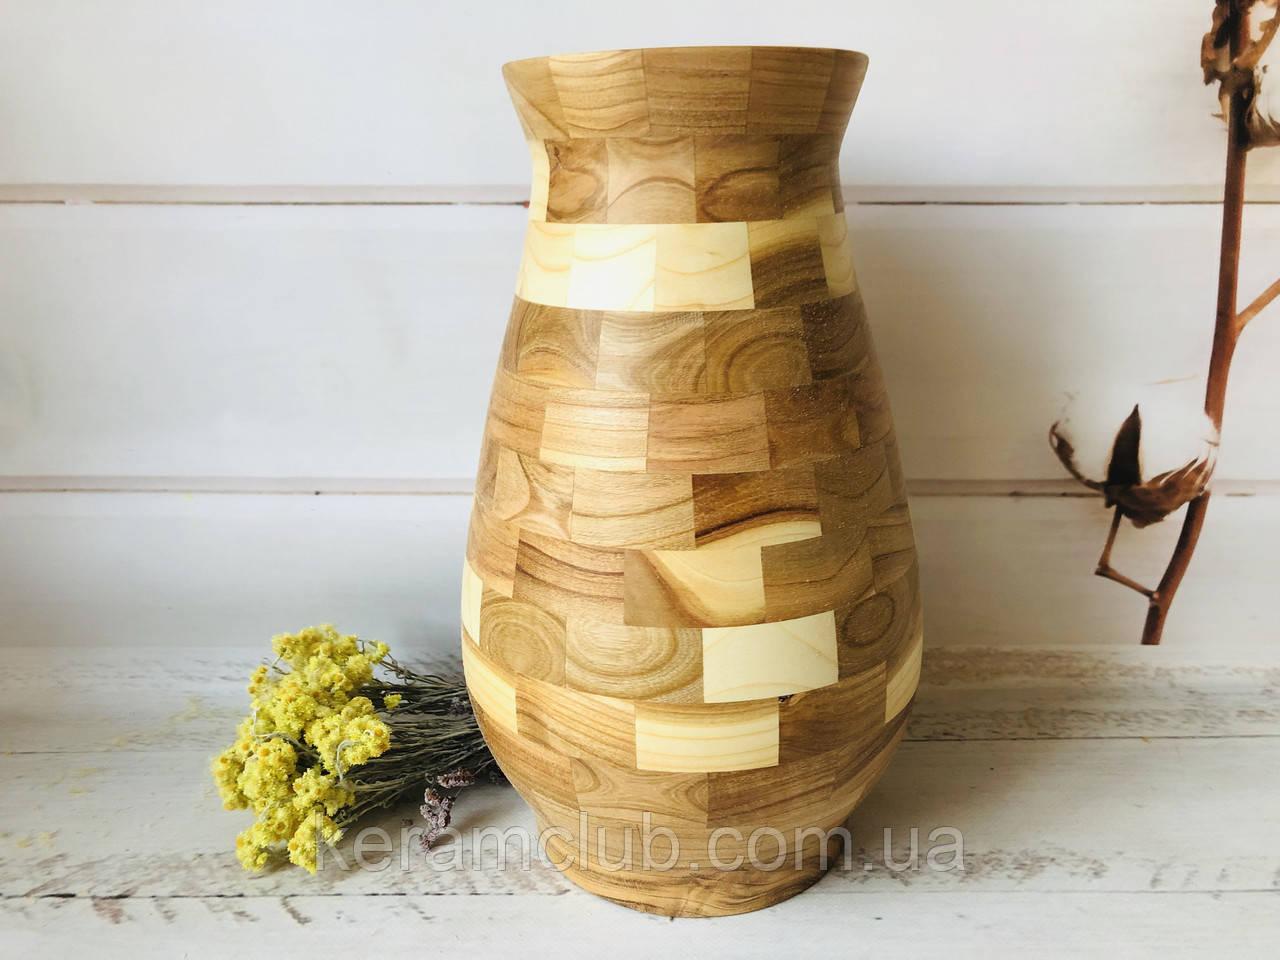 Деревянная ваза из берёзы h 34 см